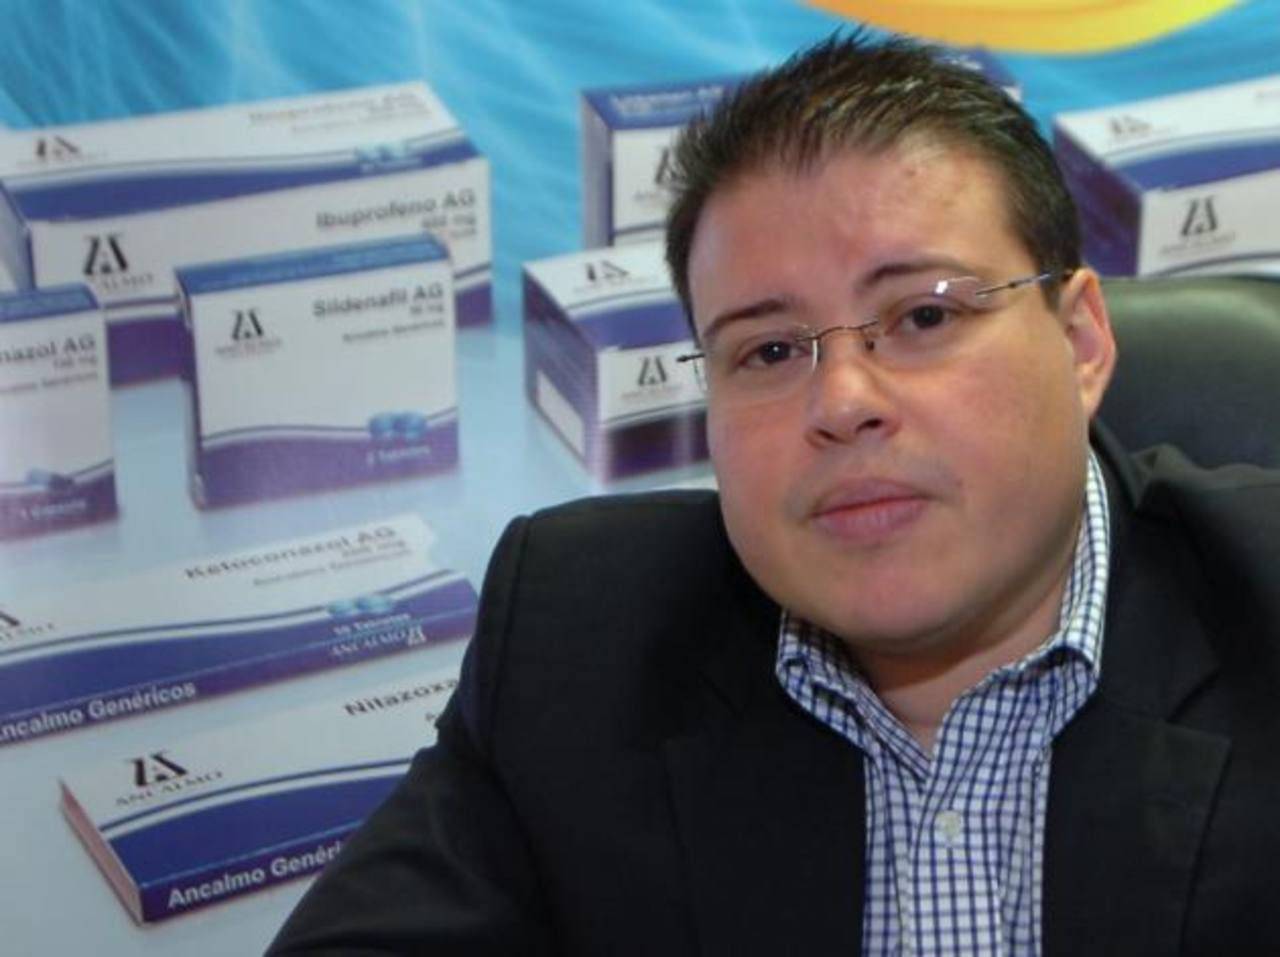 Ancalmo espera que la DNM agilice el registro de genéricos locales alternativos a los fármacos que serán retirados. Foto EDH